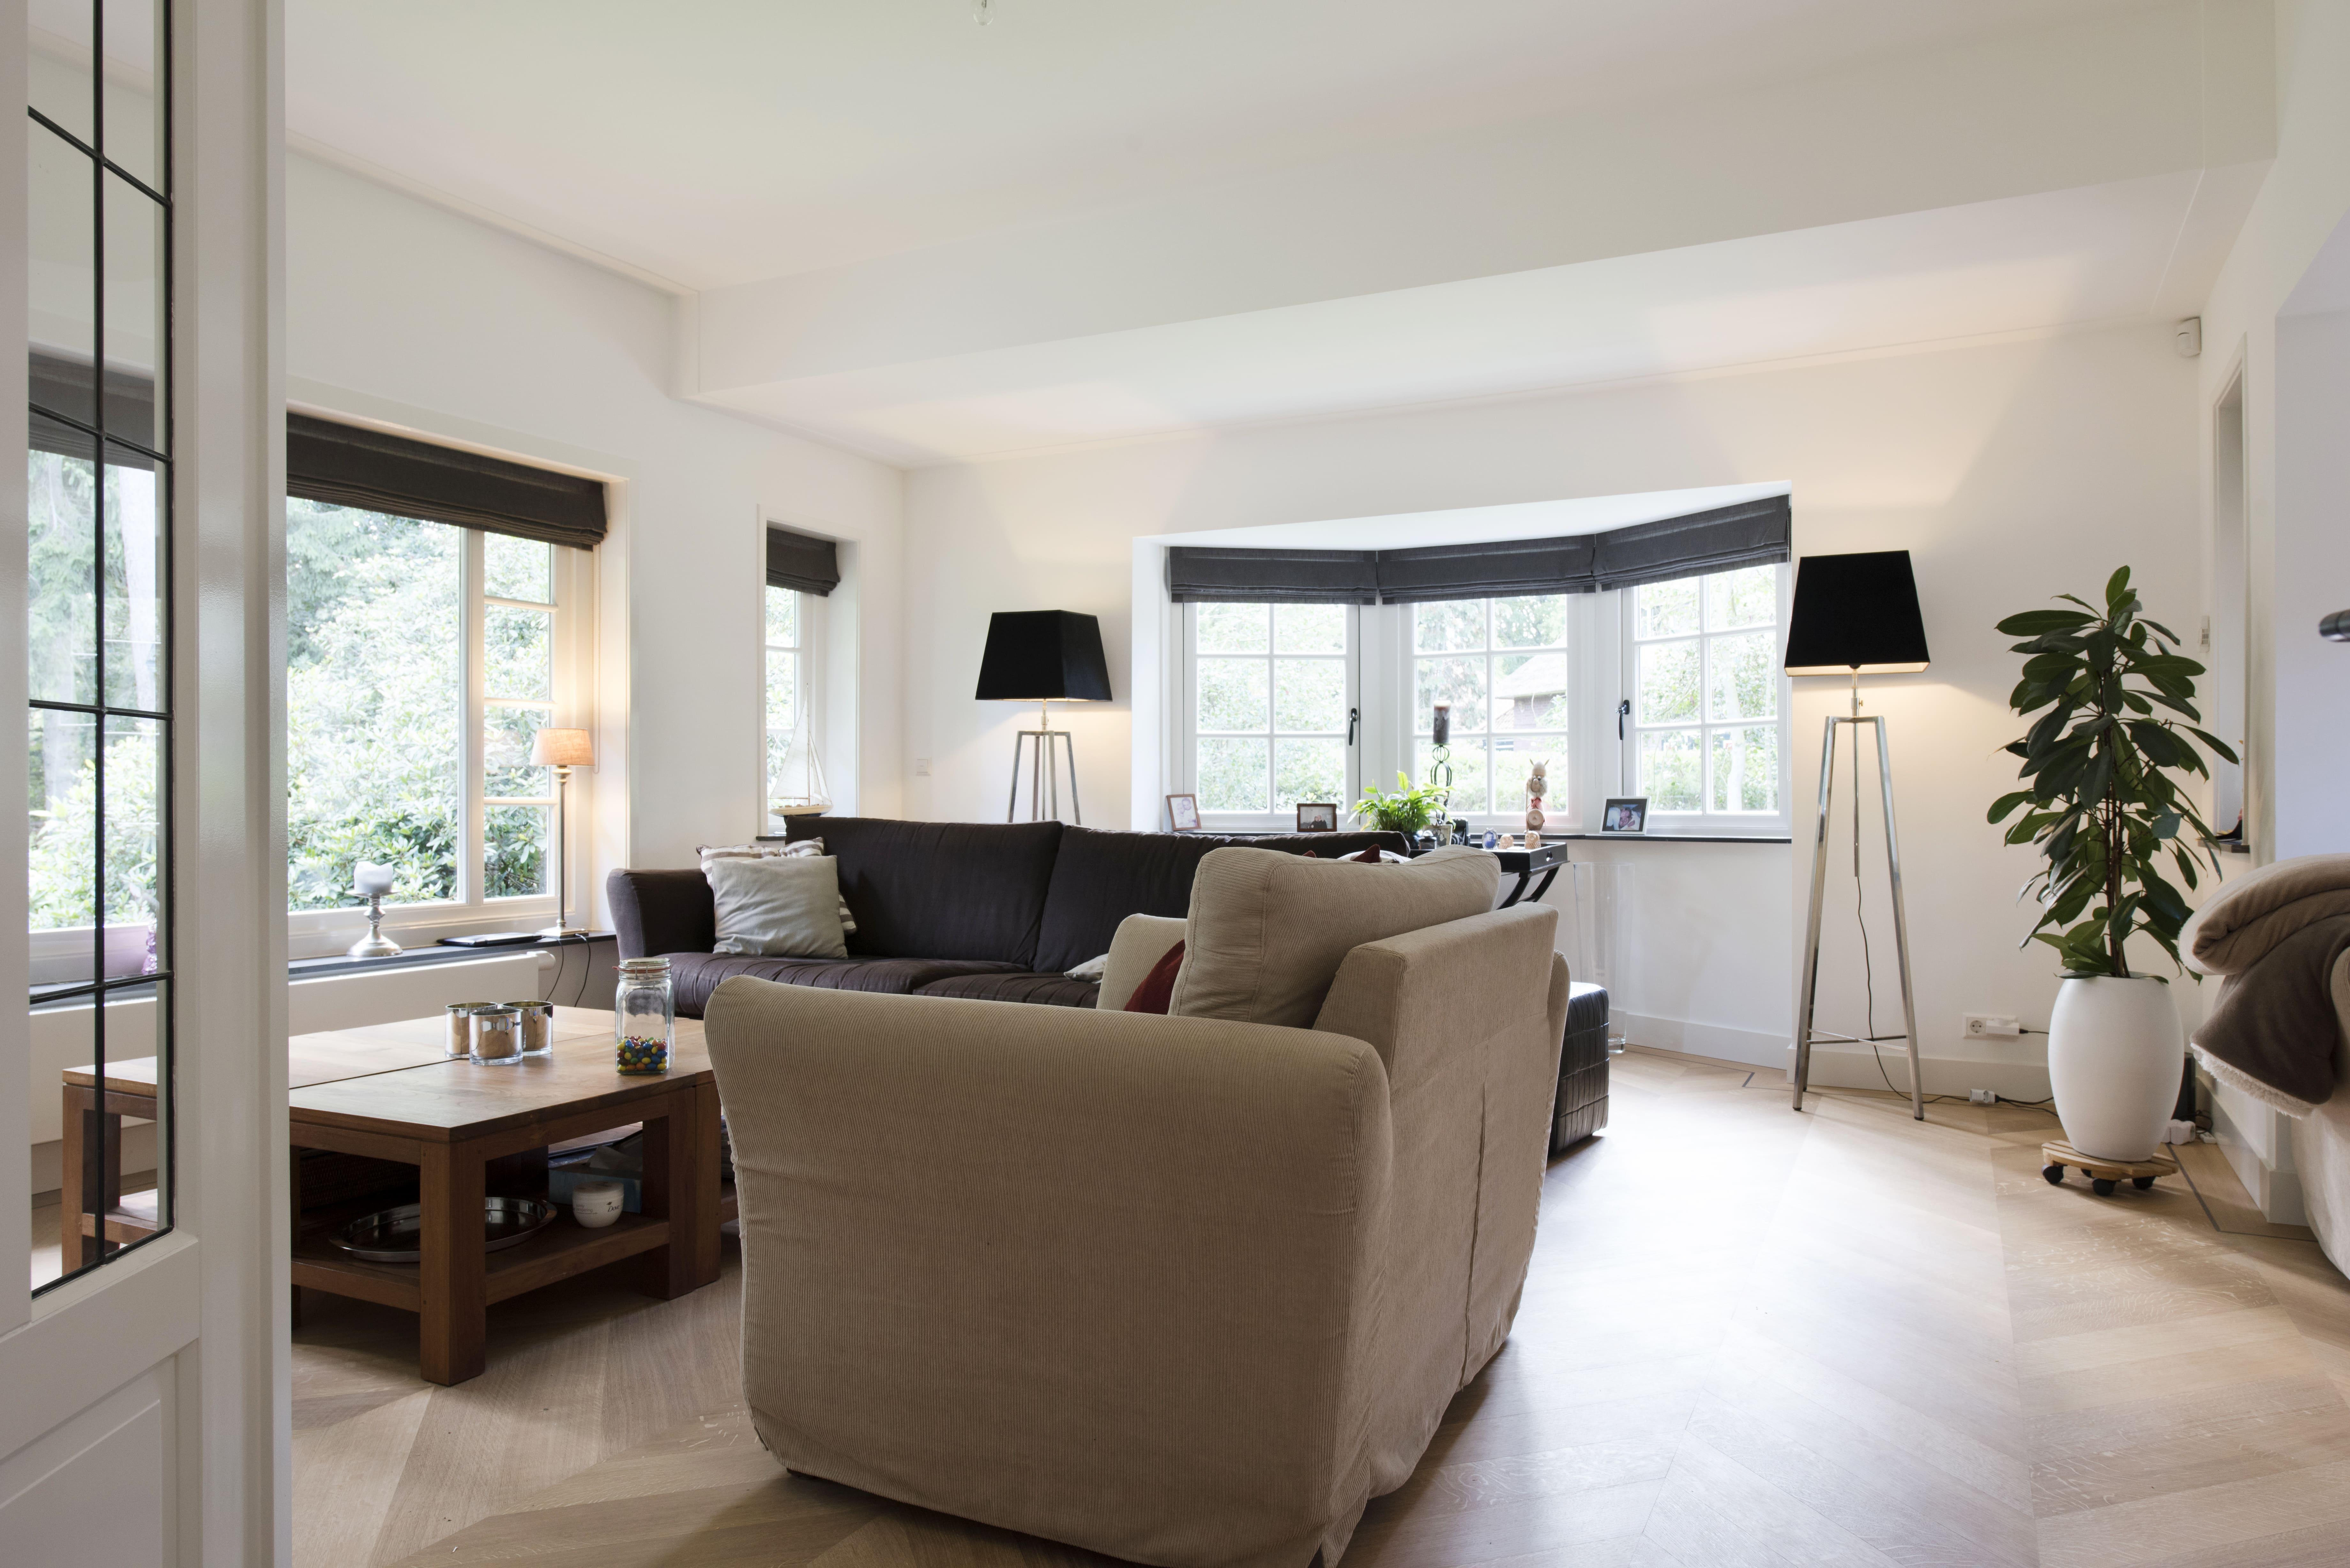 Houten vloer visgraat motief in woonkamer